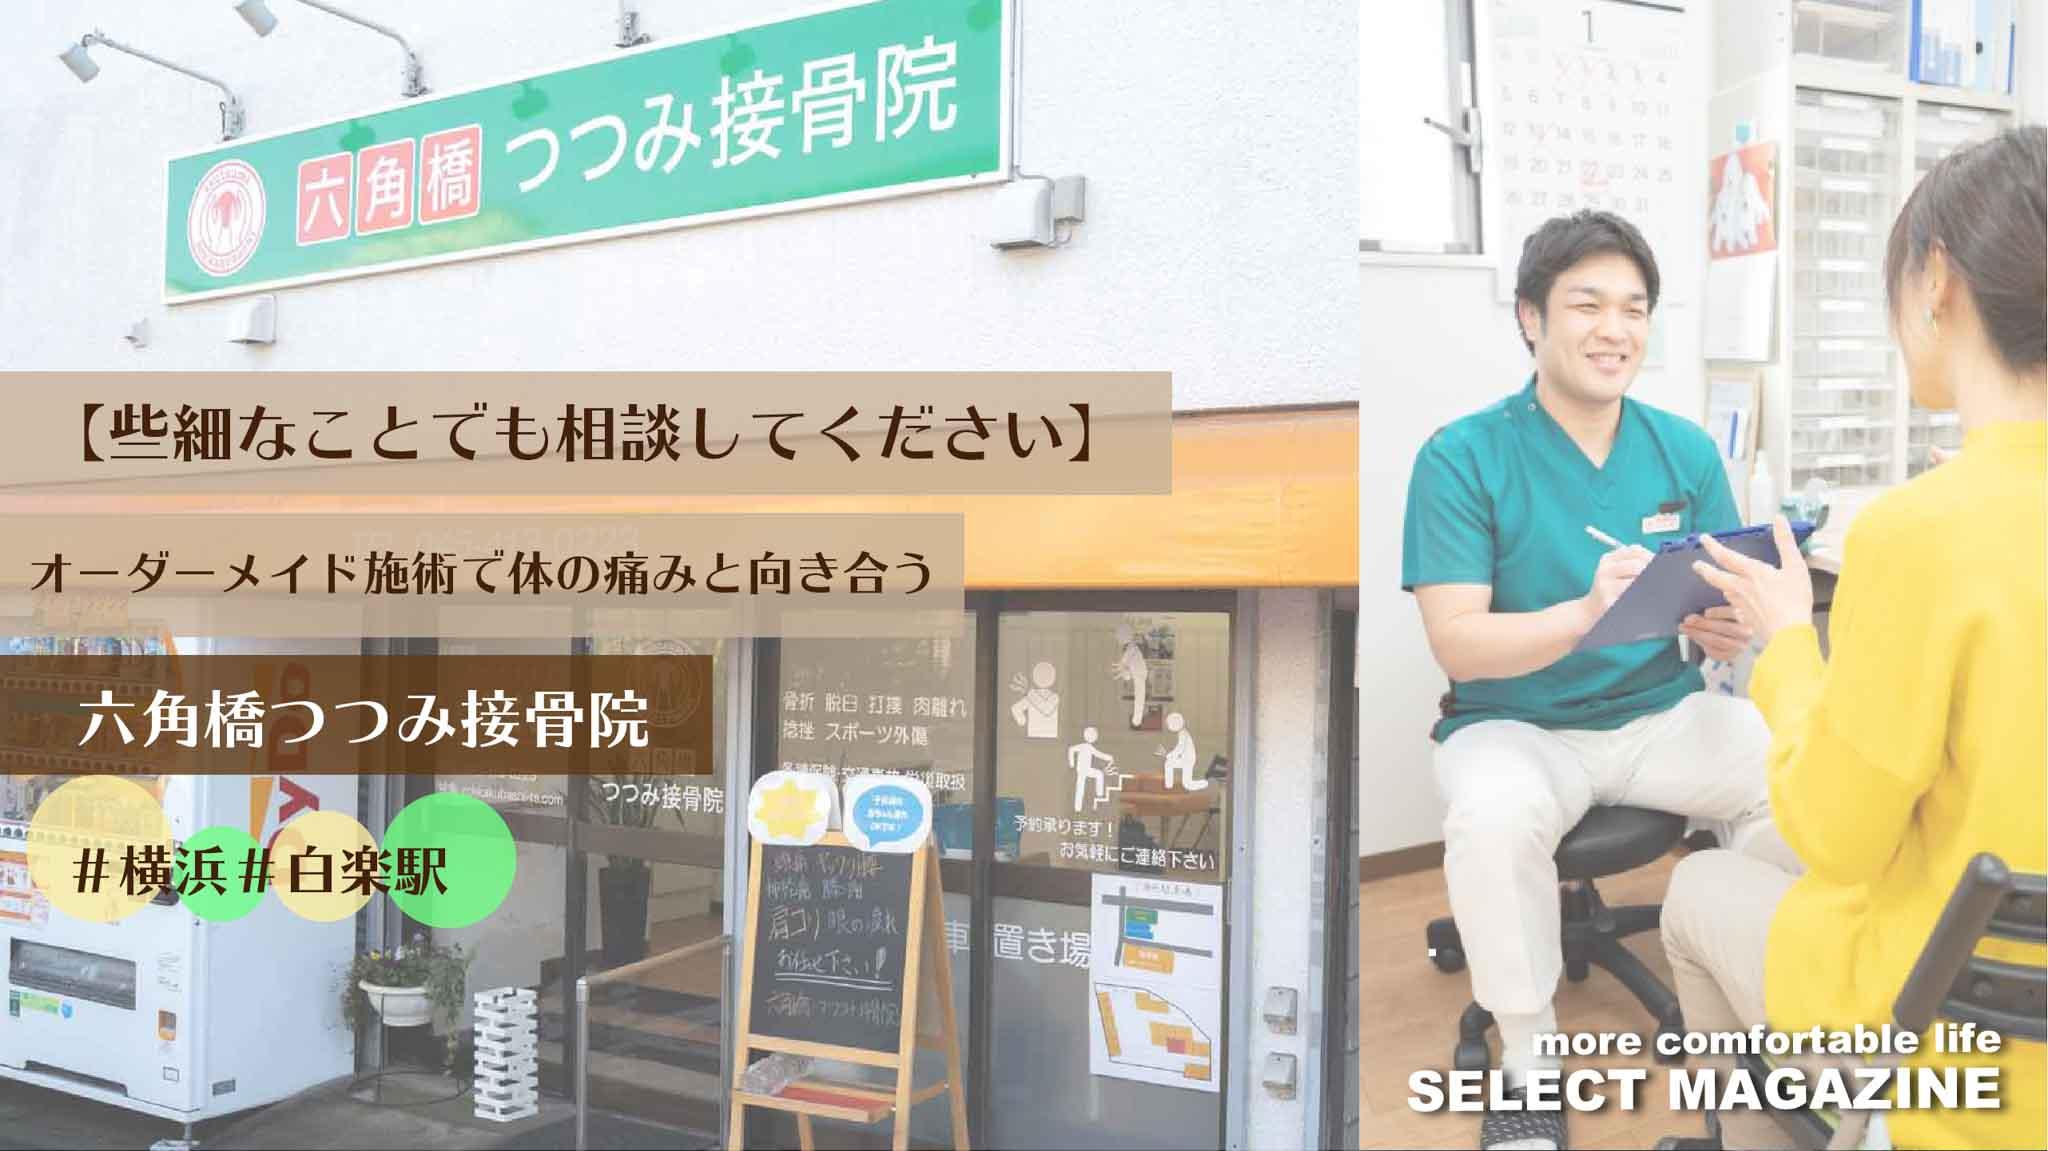 【些細なことでも相談してください】オーダーメイド施術で体の痛みと向き合う『六角橋つつみ接骨院』 横浜・白楽